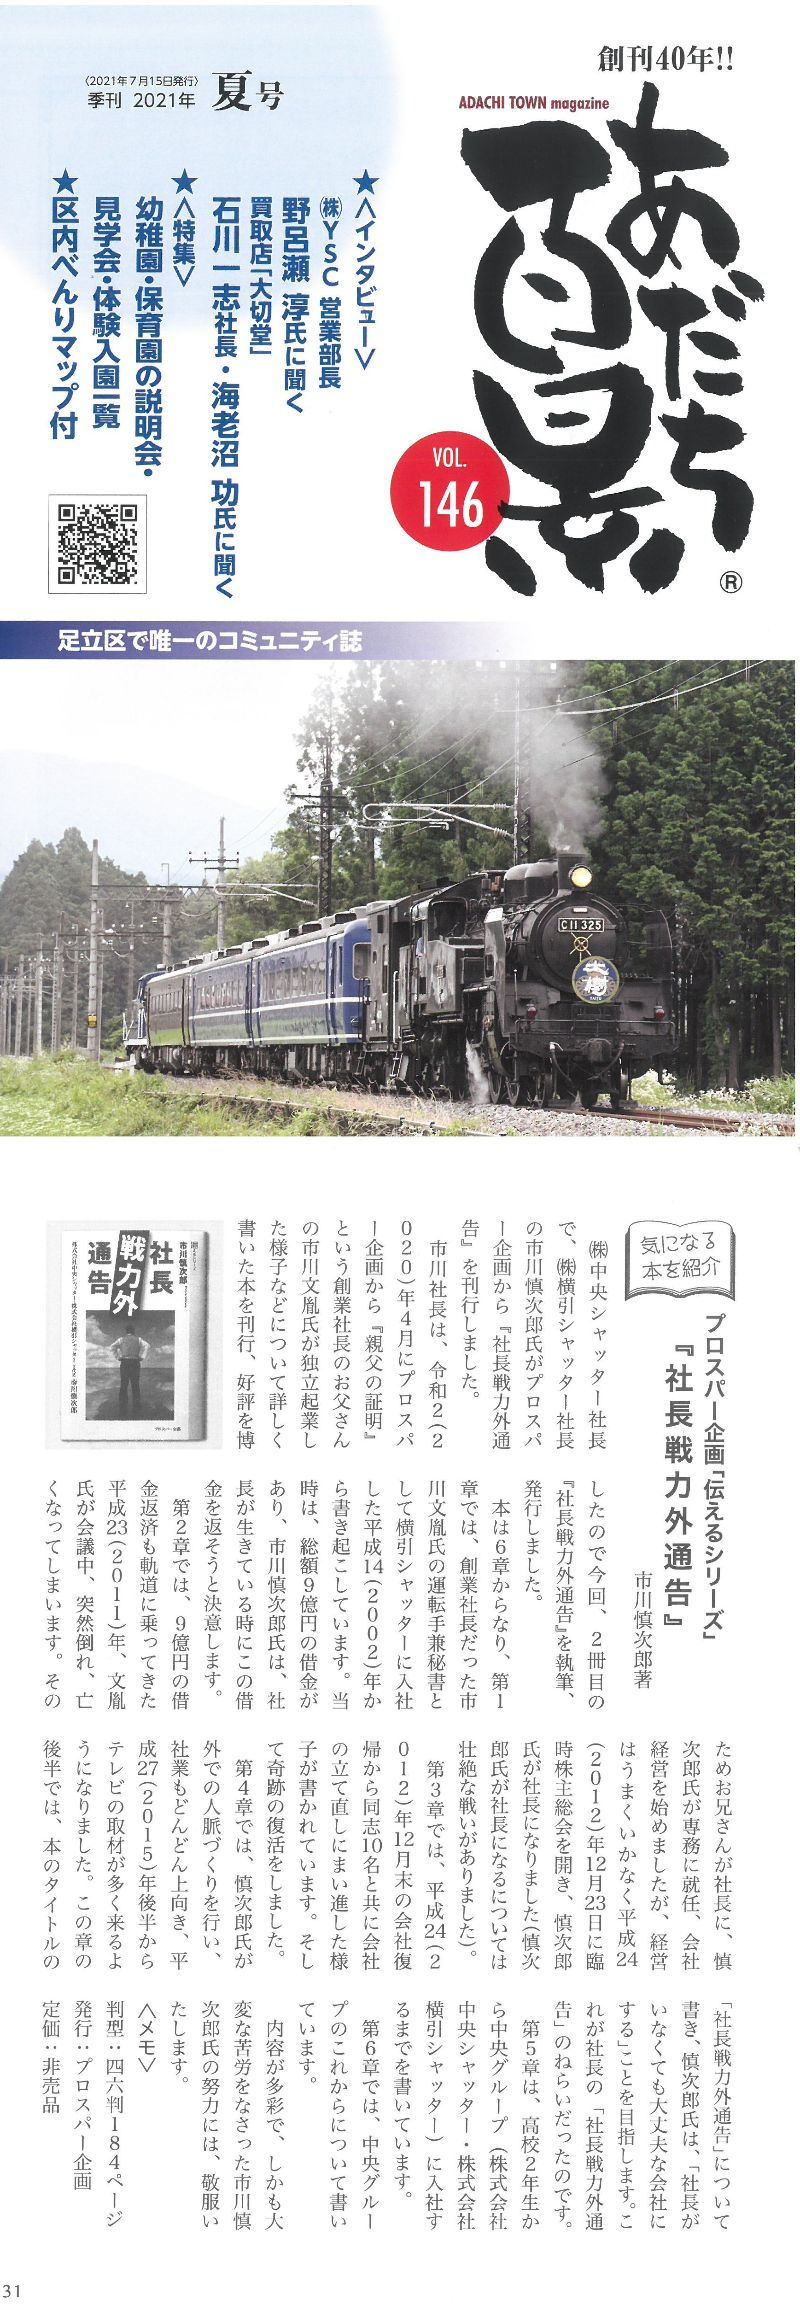 2021年 あだち百景Vol.146